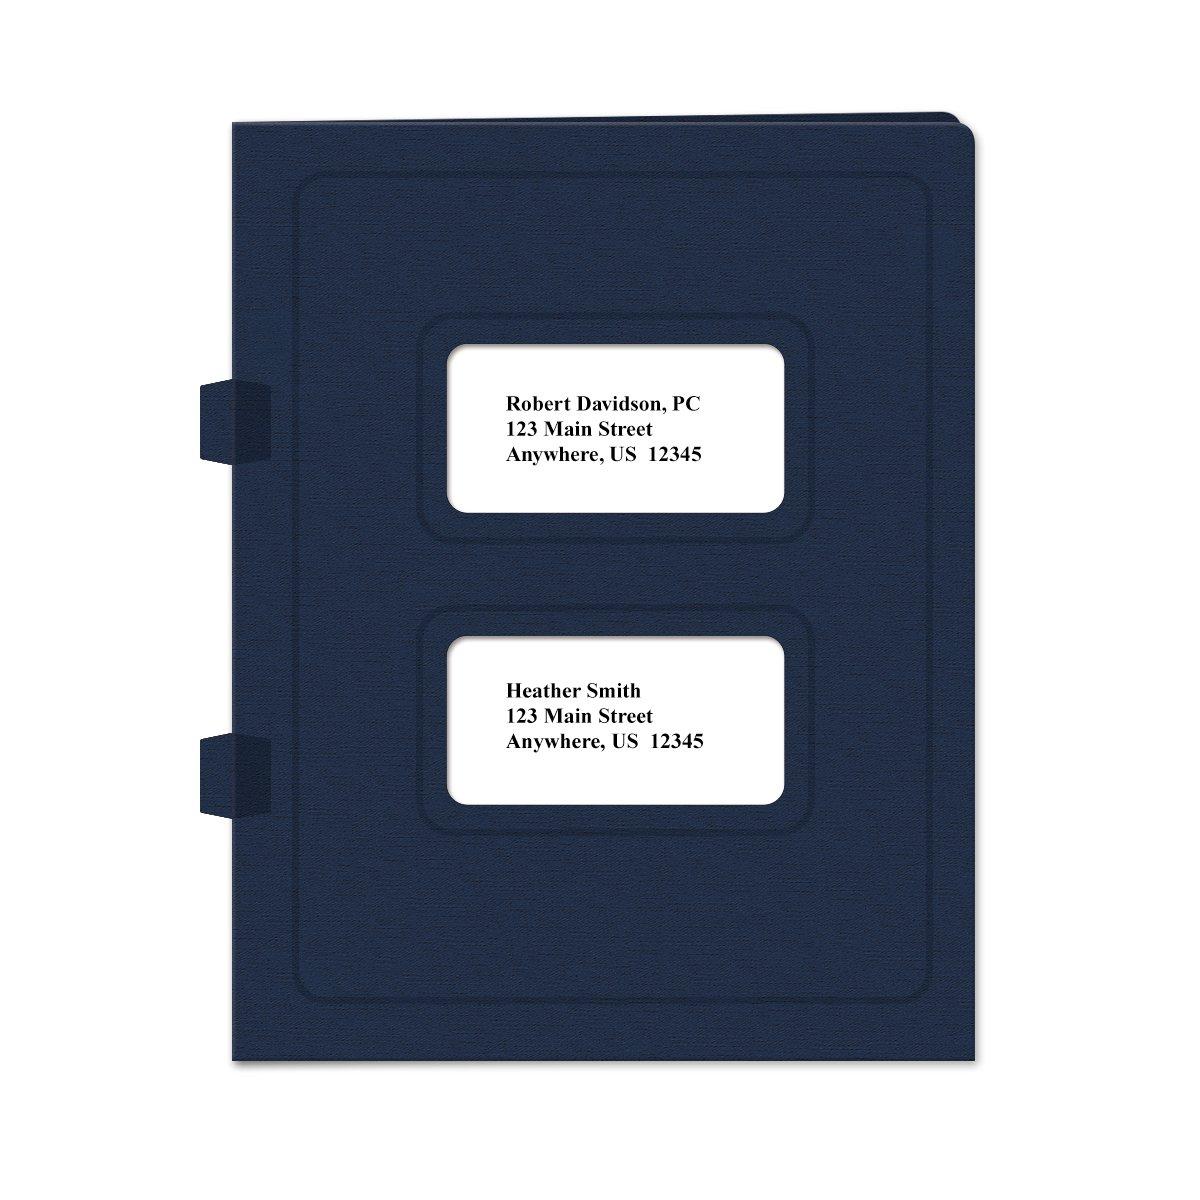 Tax Return Software Folder 50 Pack Side-Tabbed